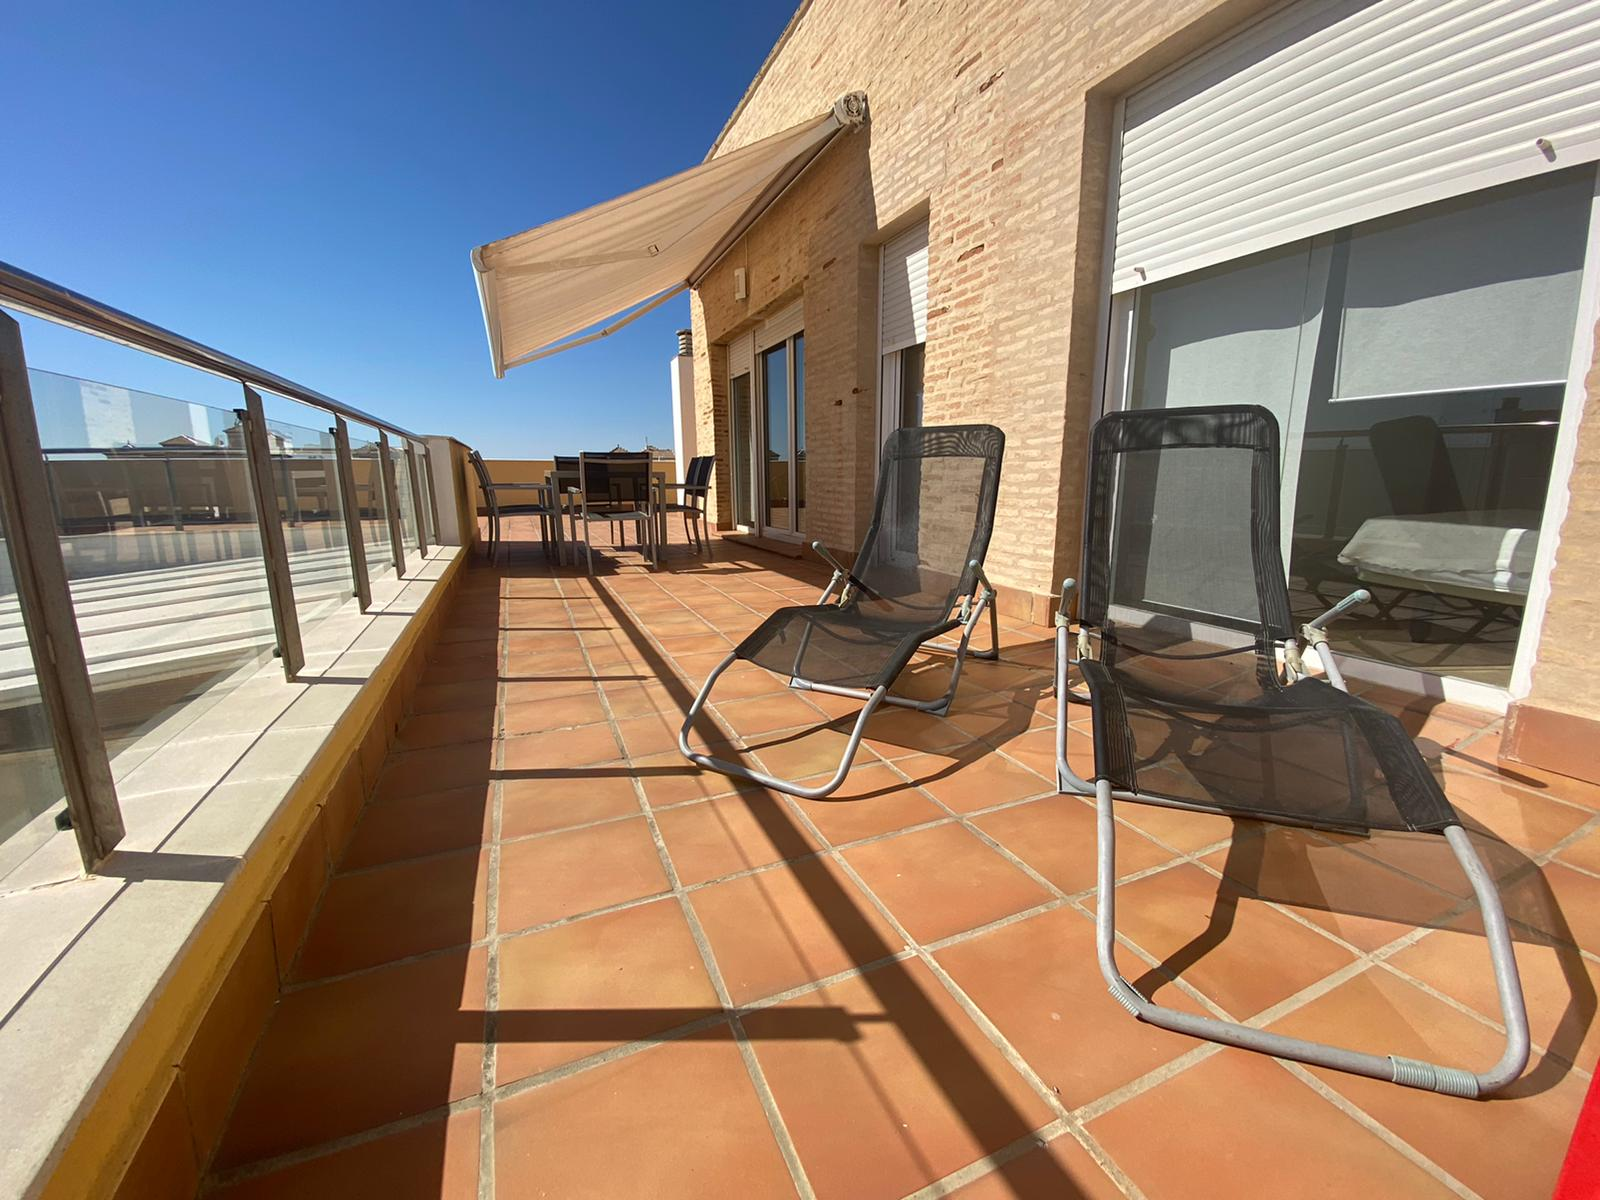 Imagen 4 del Apartamento Turístico, Ático 8 Central (3d+2b), Punta del Moral (HUELVA), Paseo de la Cruz nº22